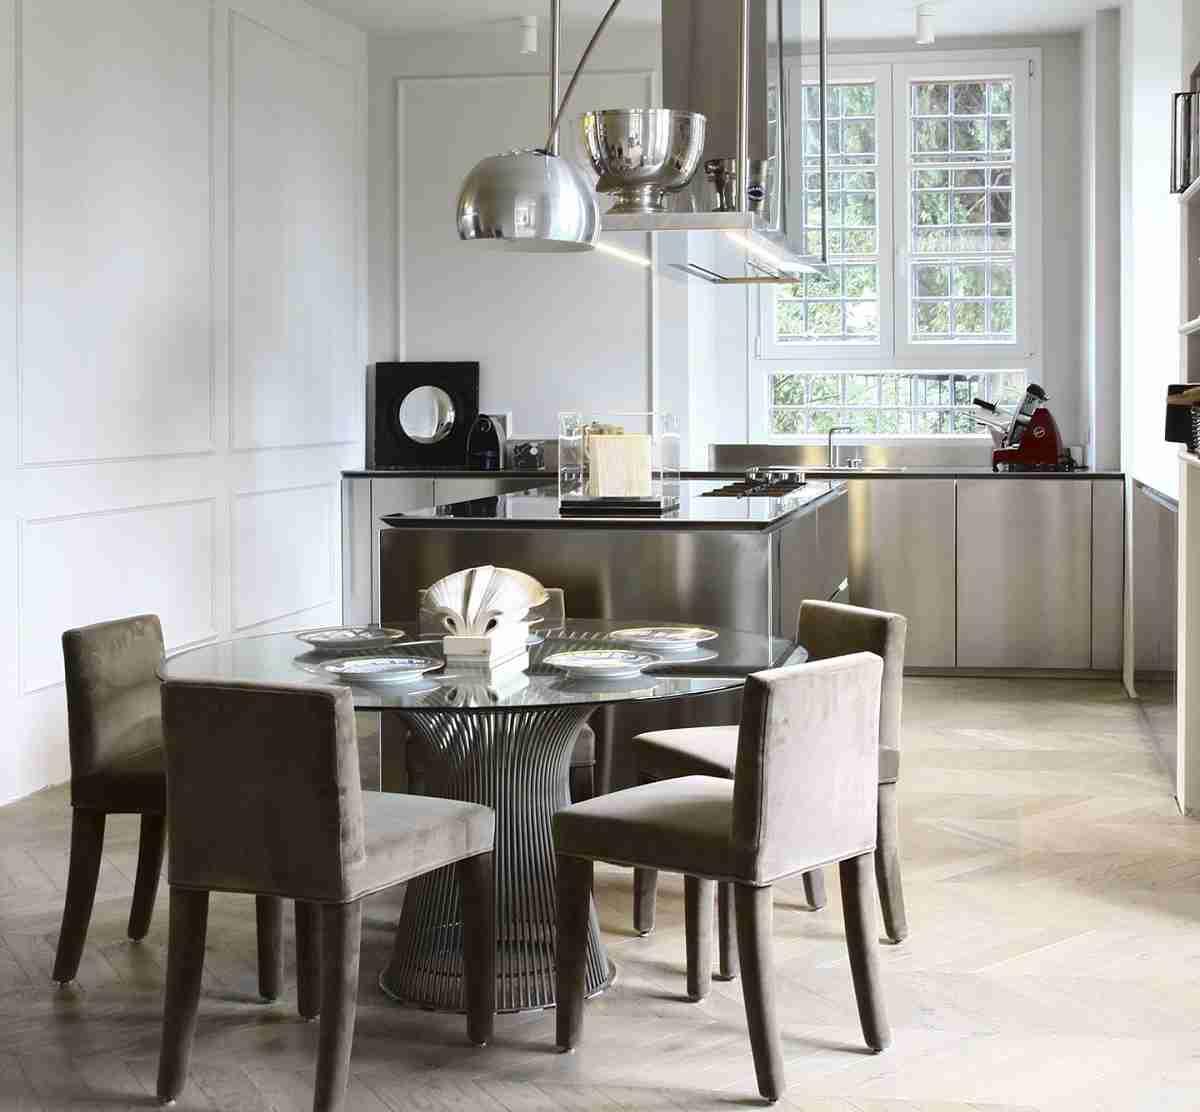 Cómo organizar una cocina sin muebles altos 36